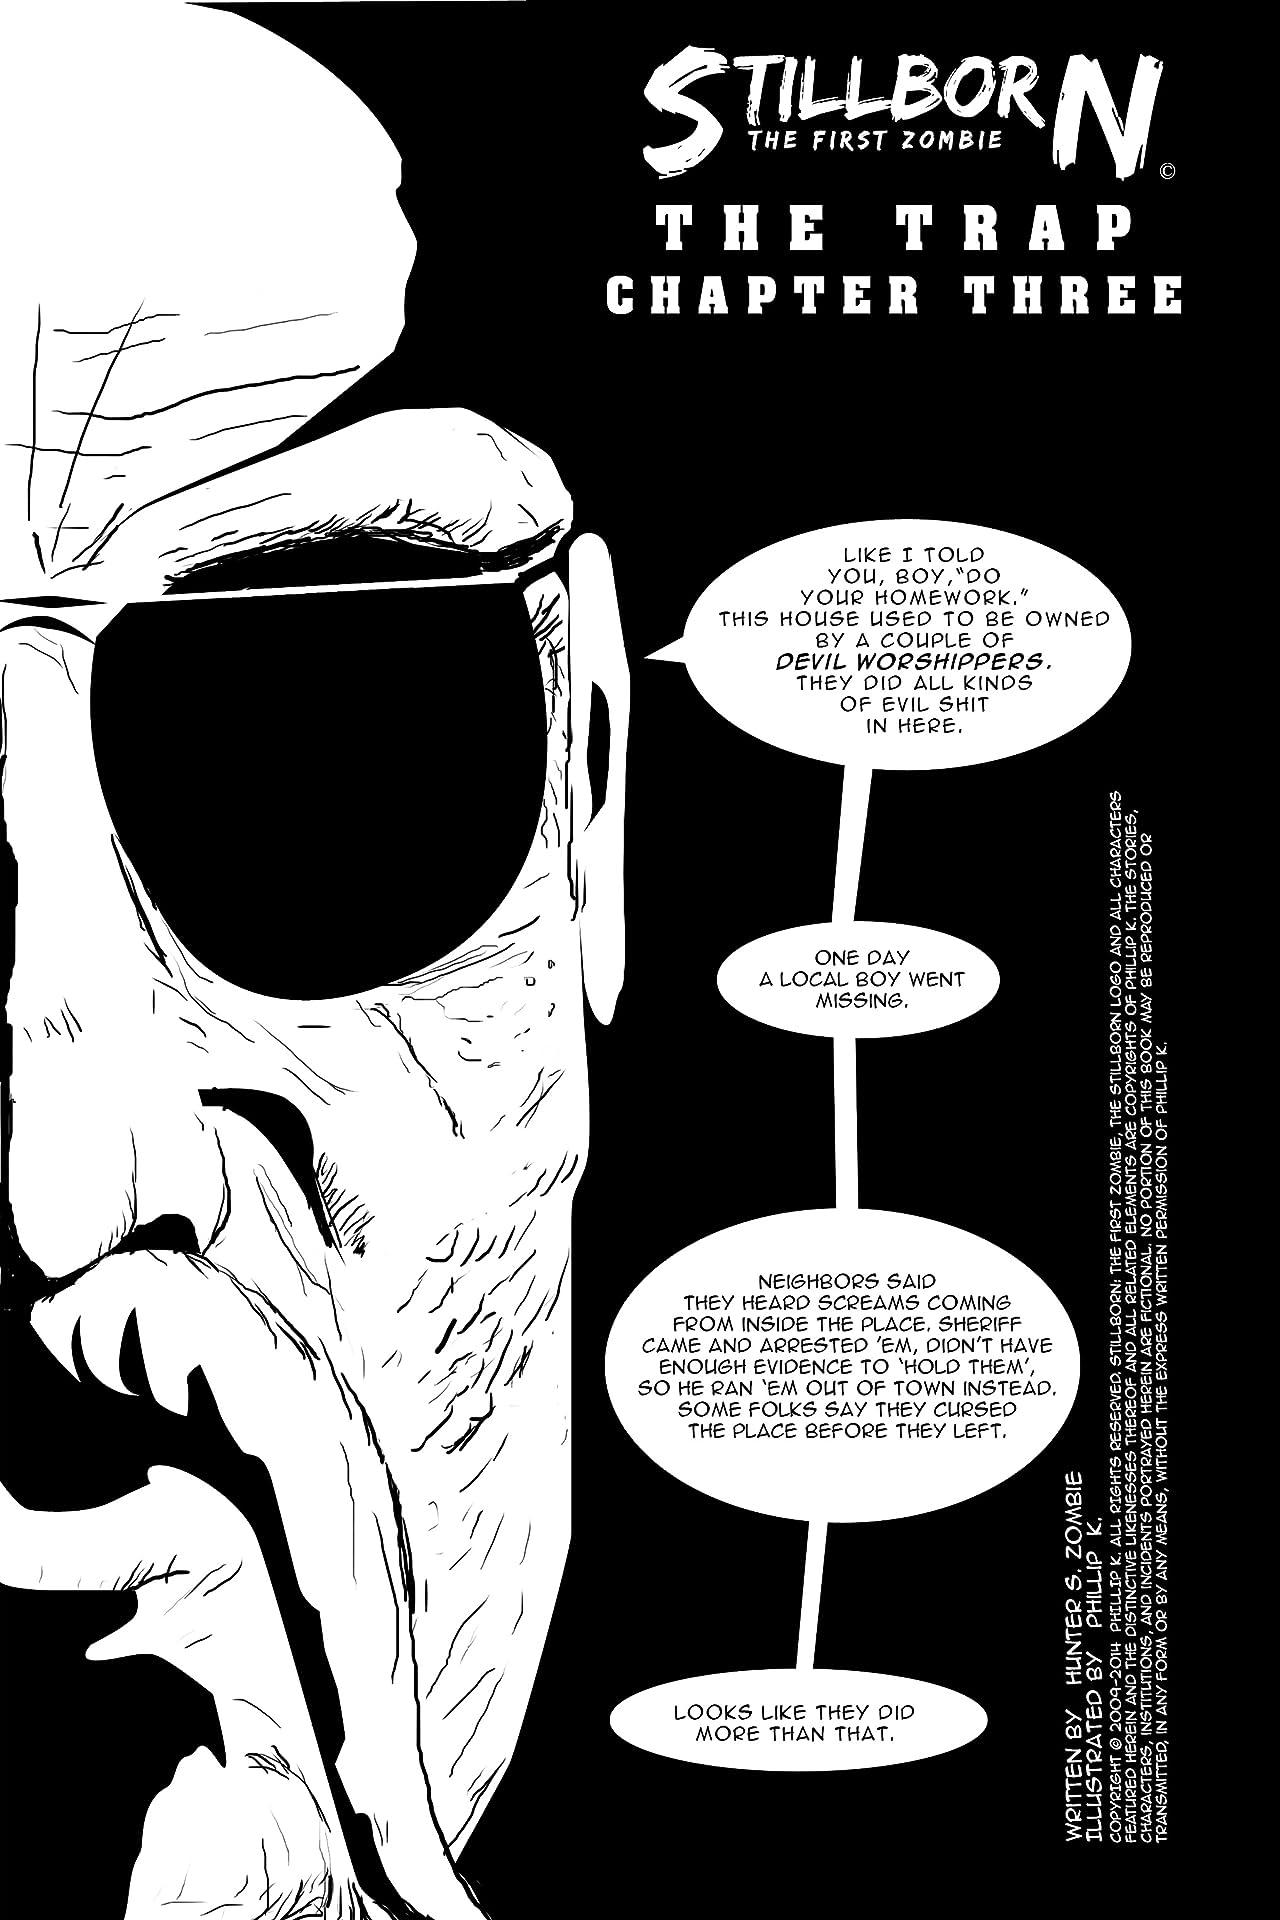 Stillborn: The First Zombie #3